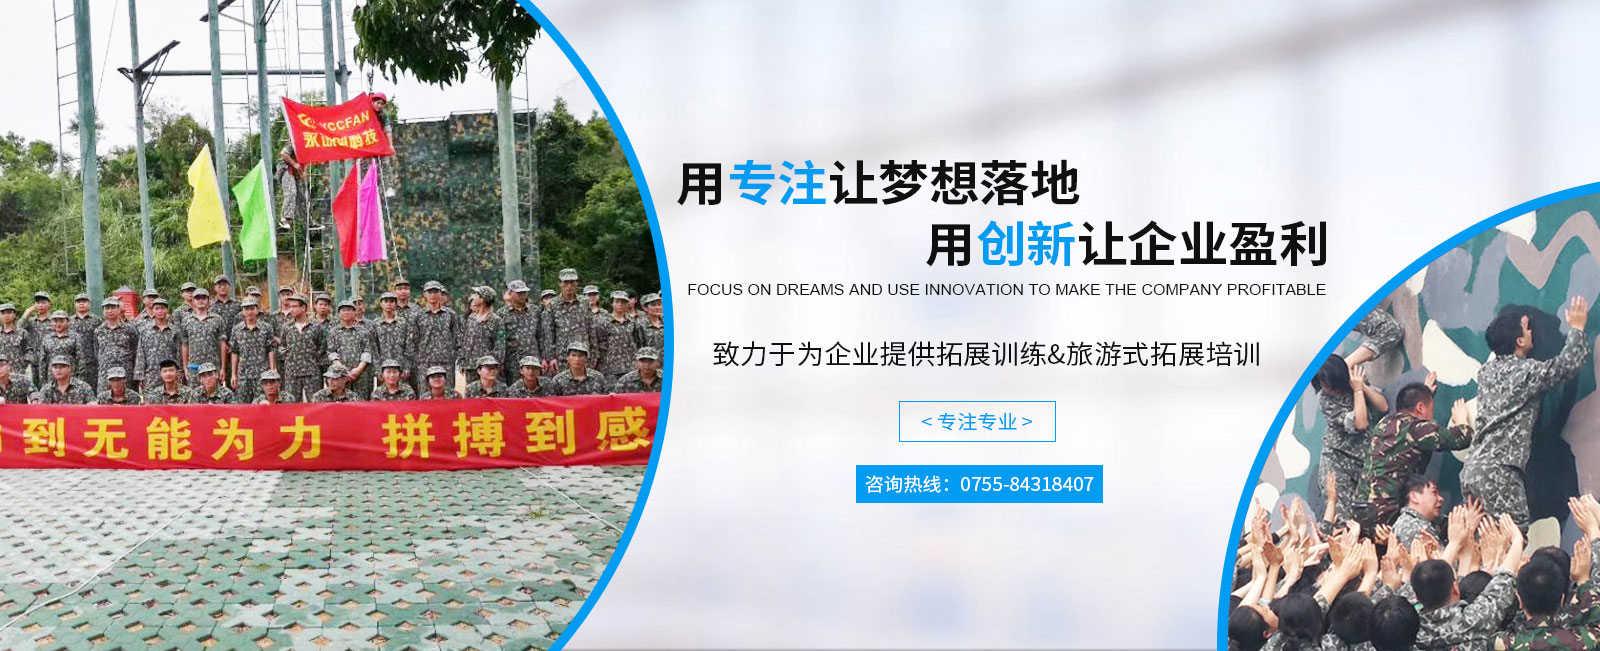 深圳老兵拓展管理咨询有限公司